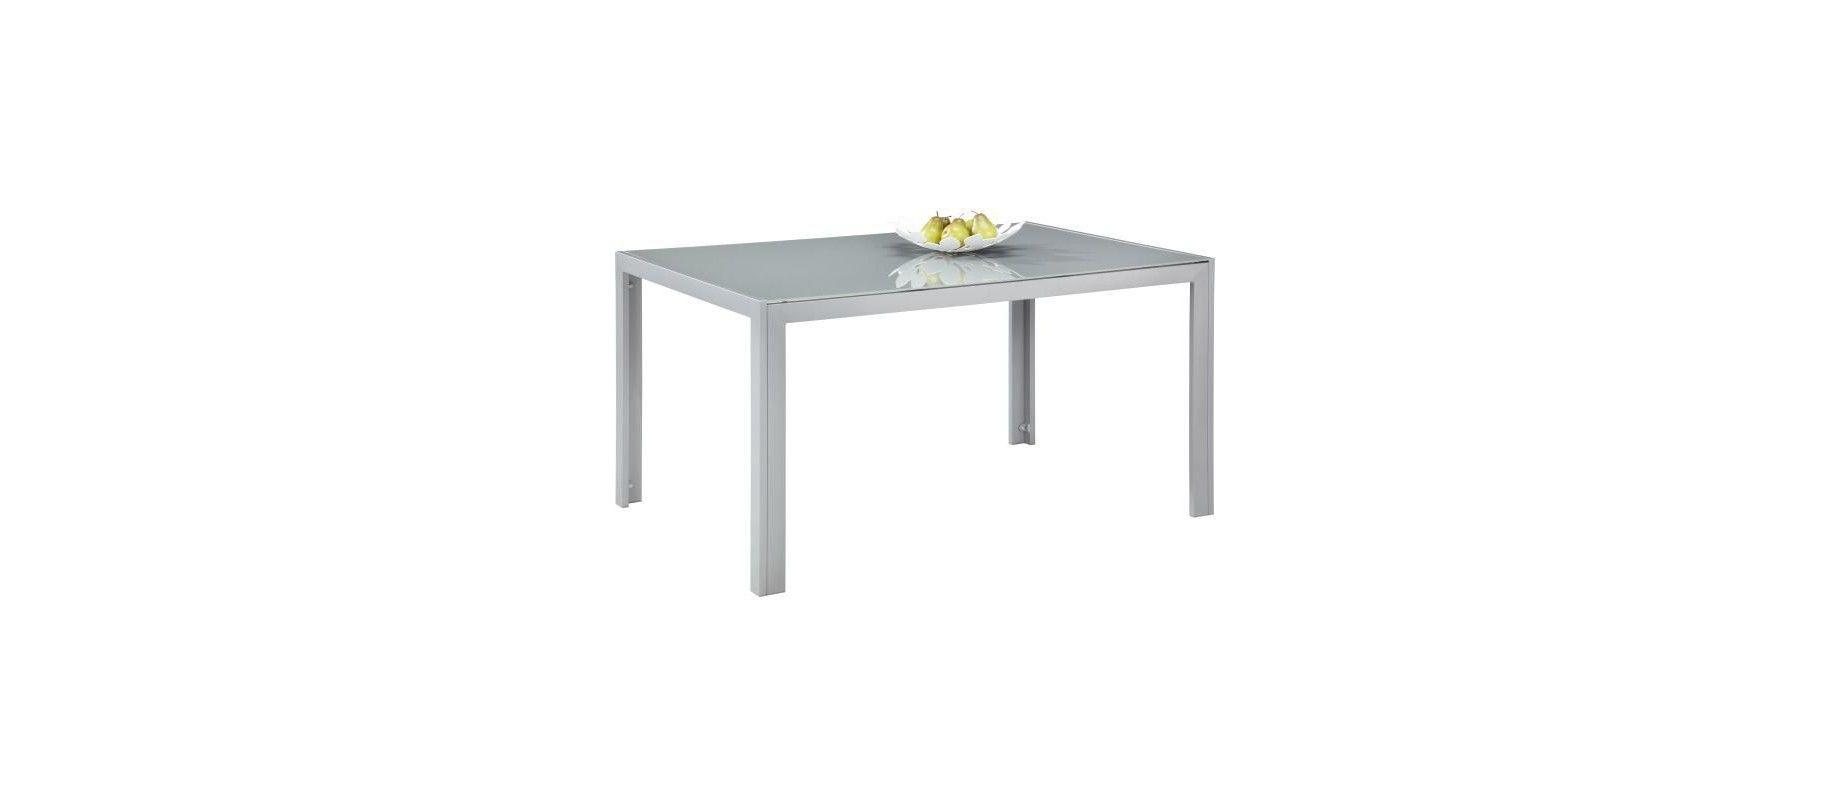 Gartentisch Rechteckig In Aluminium Grau Silberfarben Online